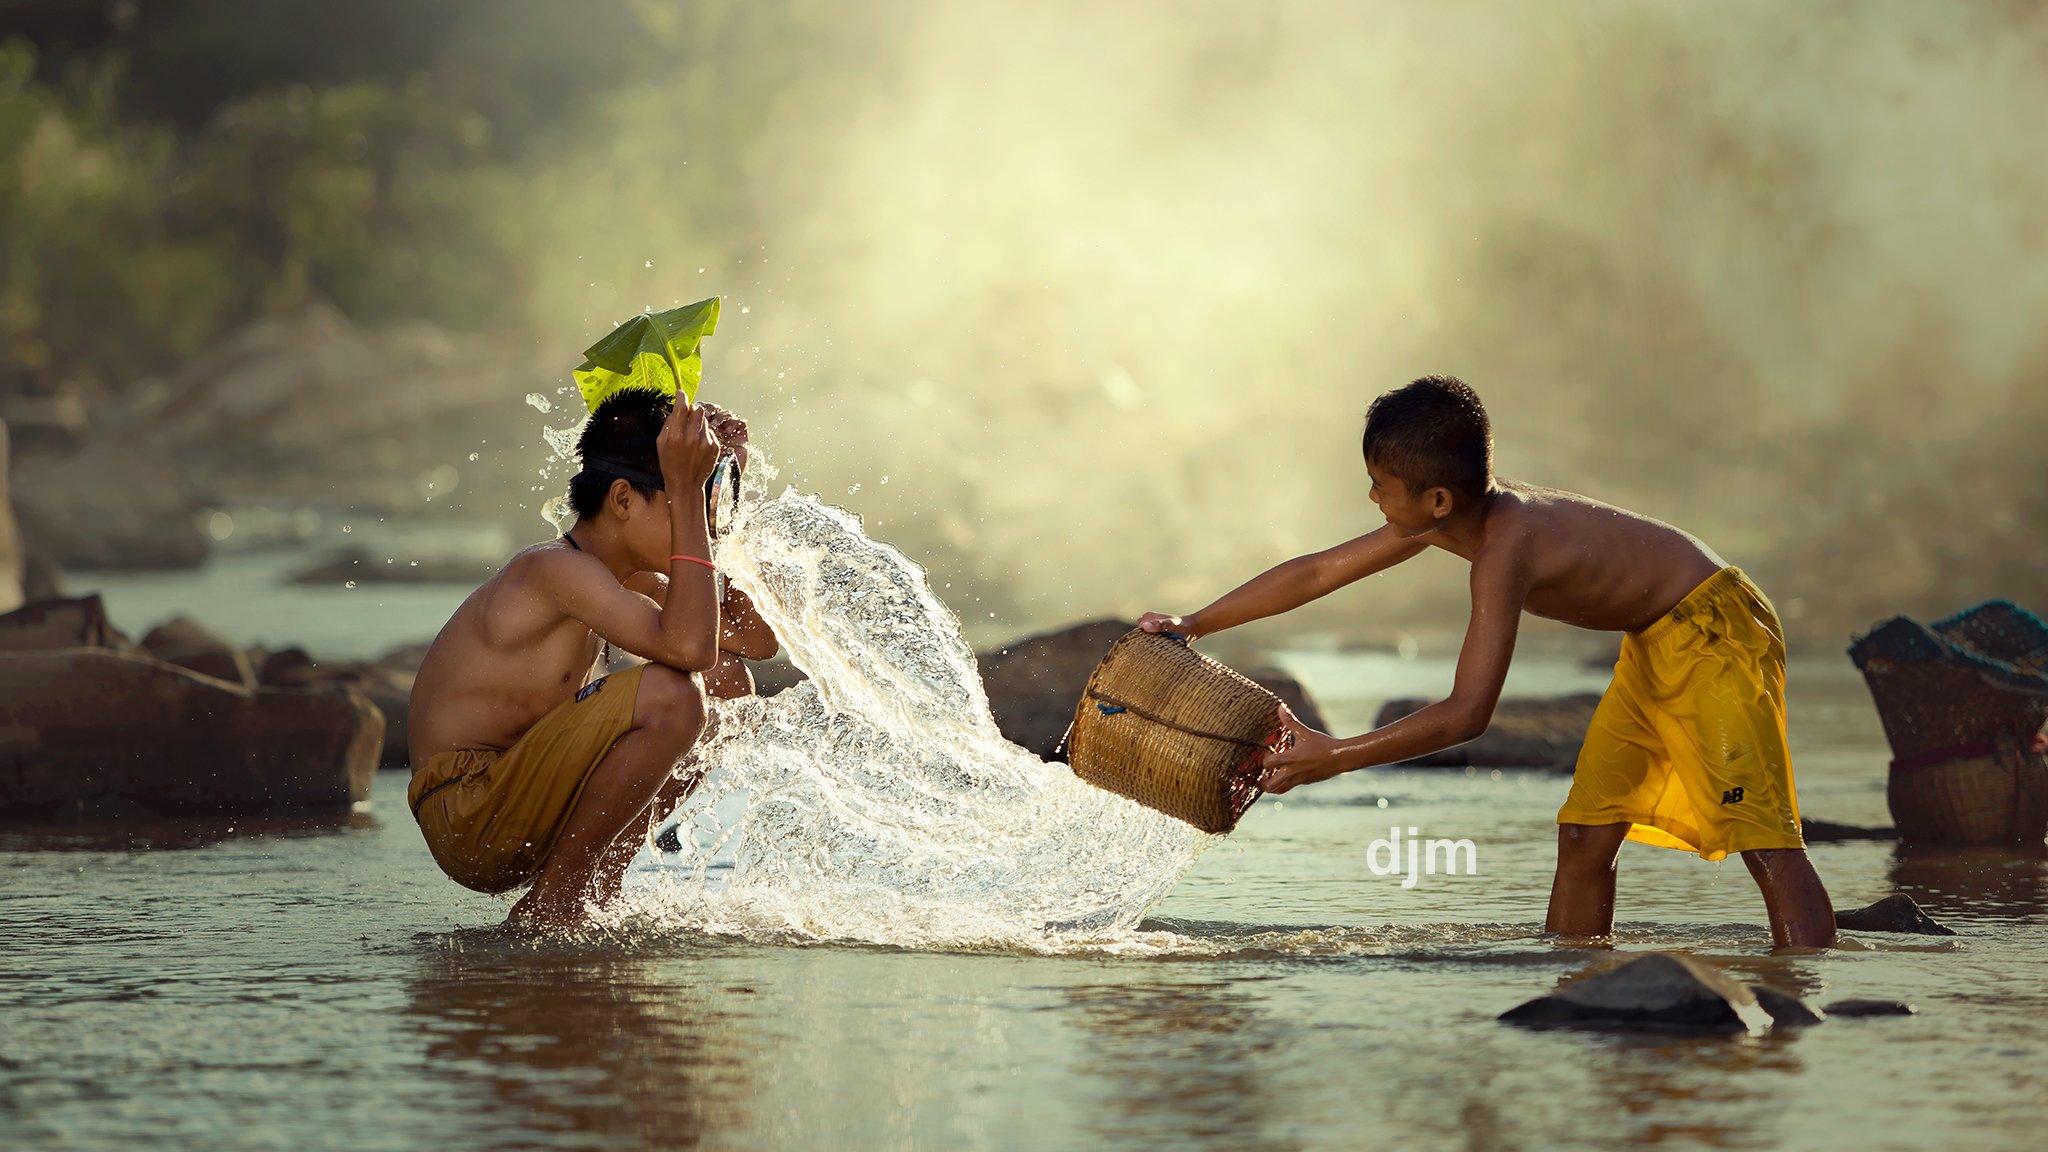 Thai,Thailand,Children,creek,nature,portrait,friends,water,life,lifestyle,, SUTIPORN SOMNAM